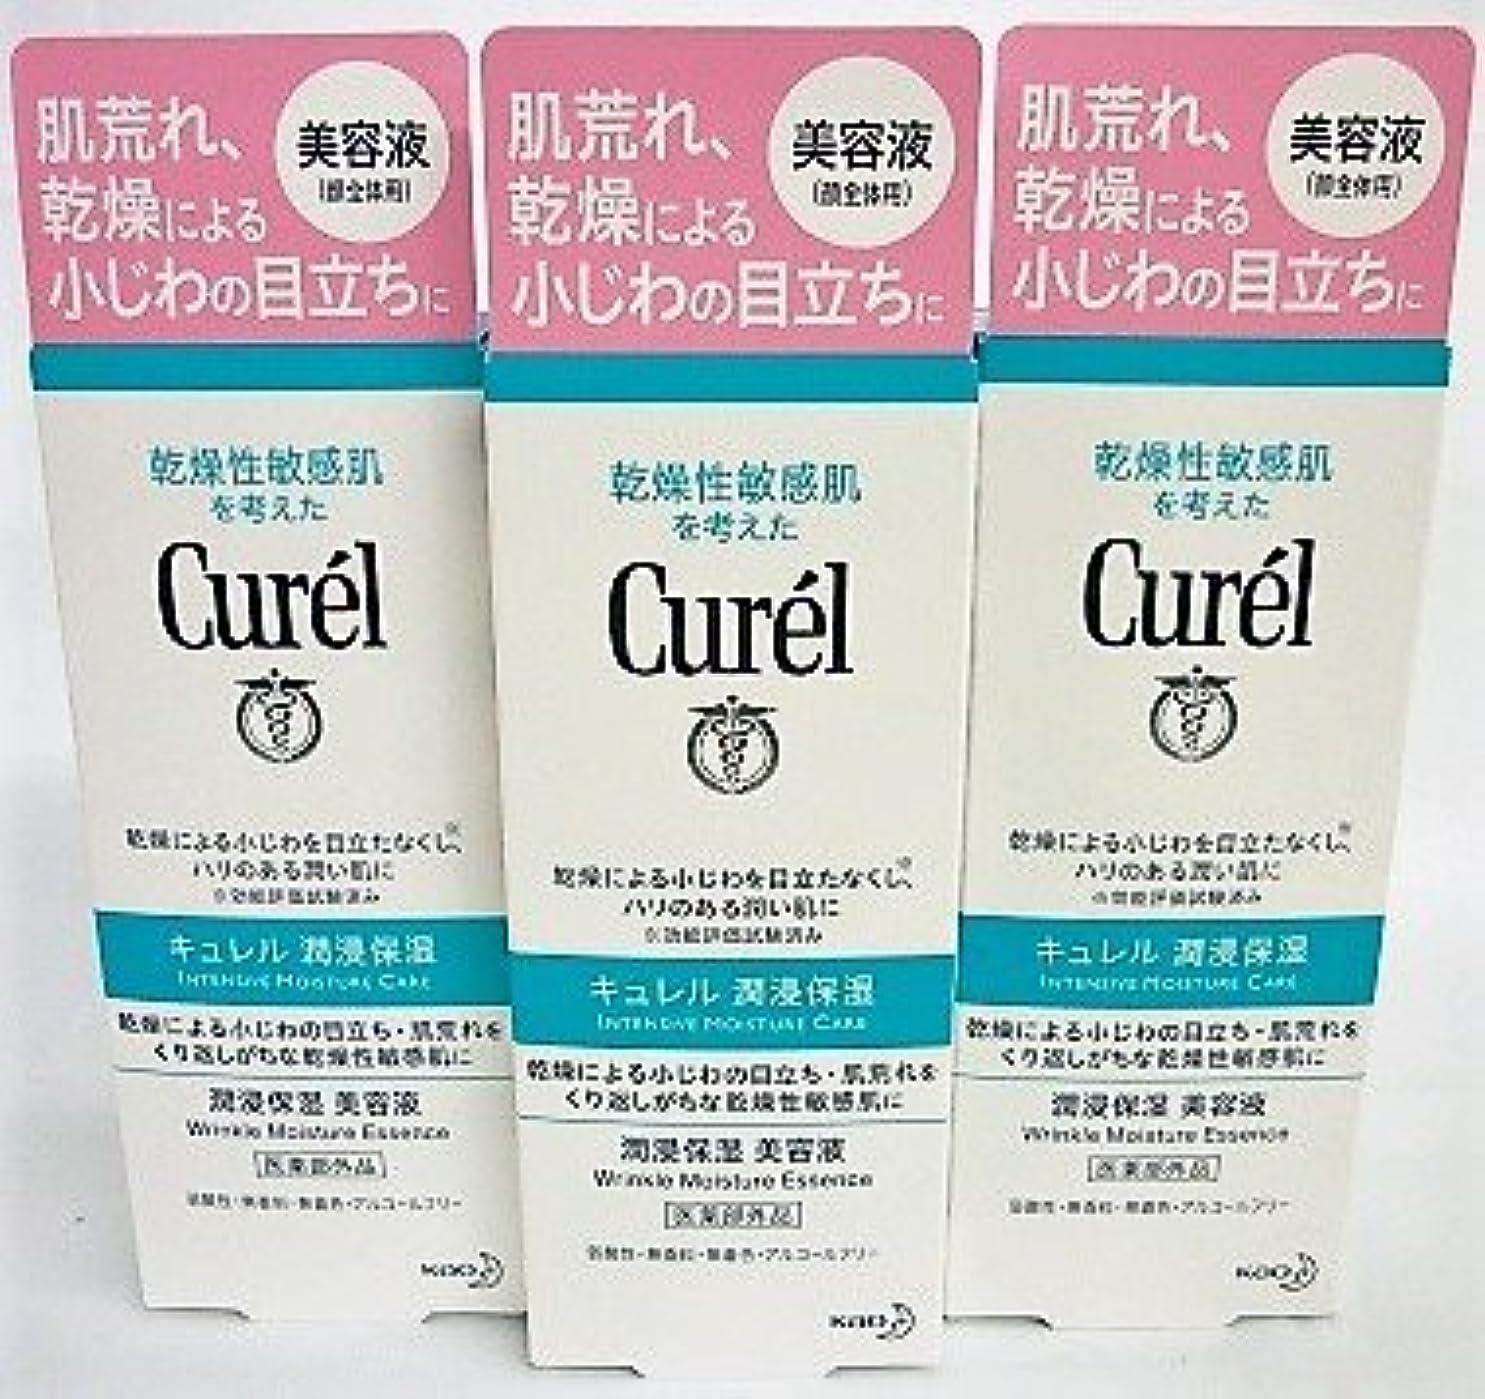 起点便利さリアル[3個セット]キュレル 潤浸保湿美容液 40g入り×3個